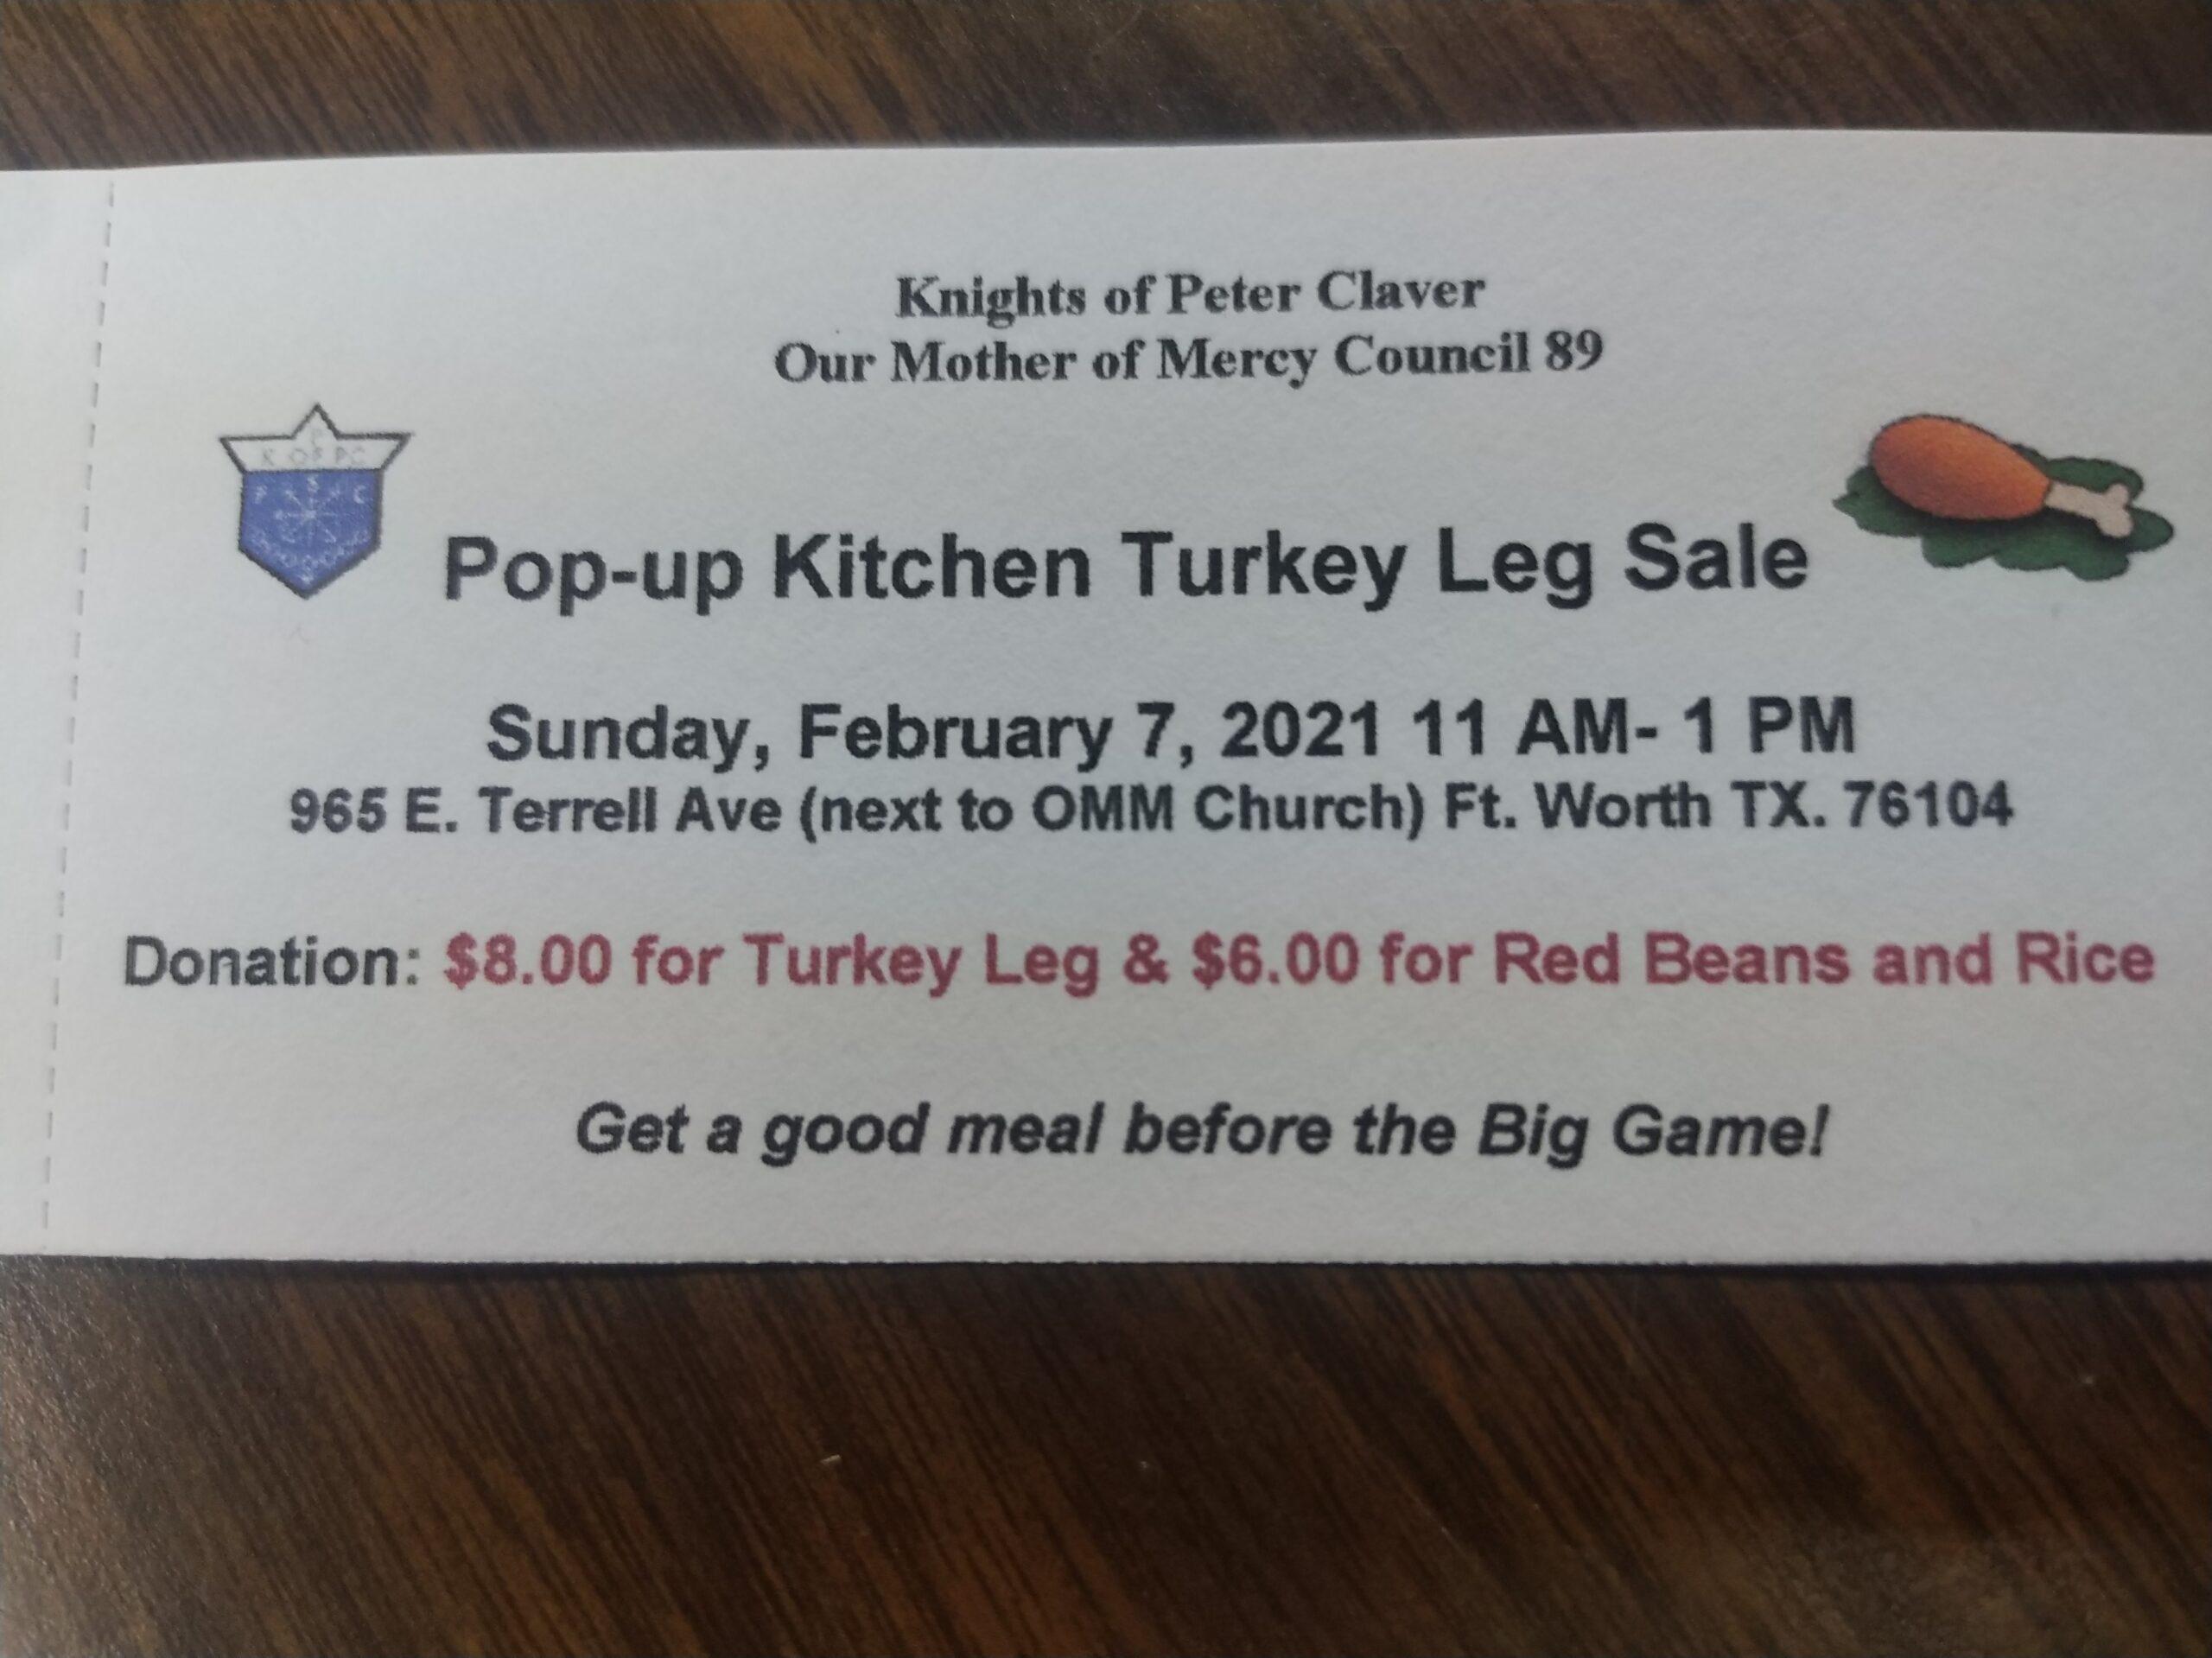 Pop-up Kitchen Turkey Leg Sale